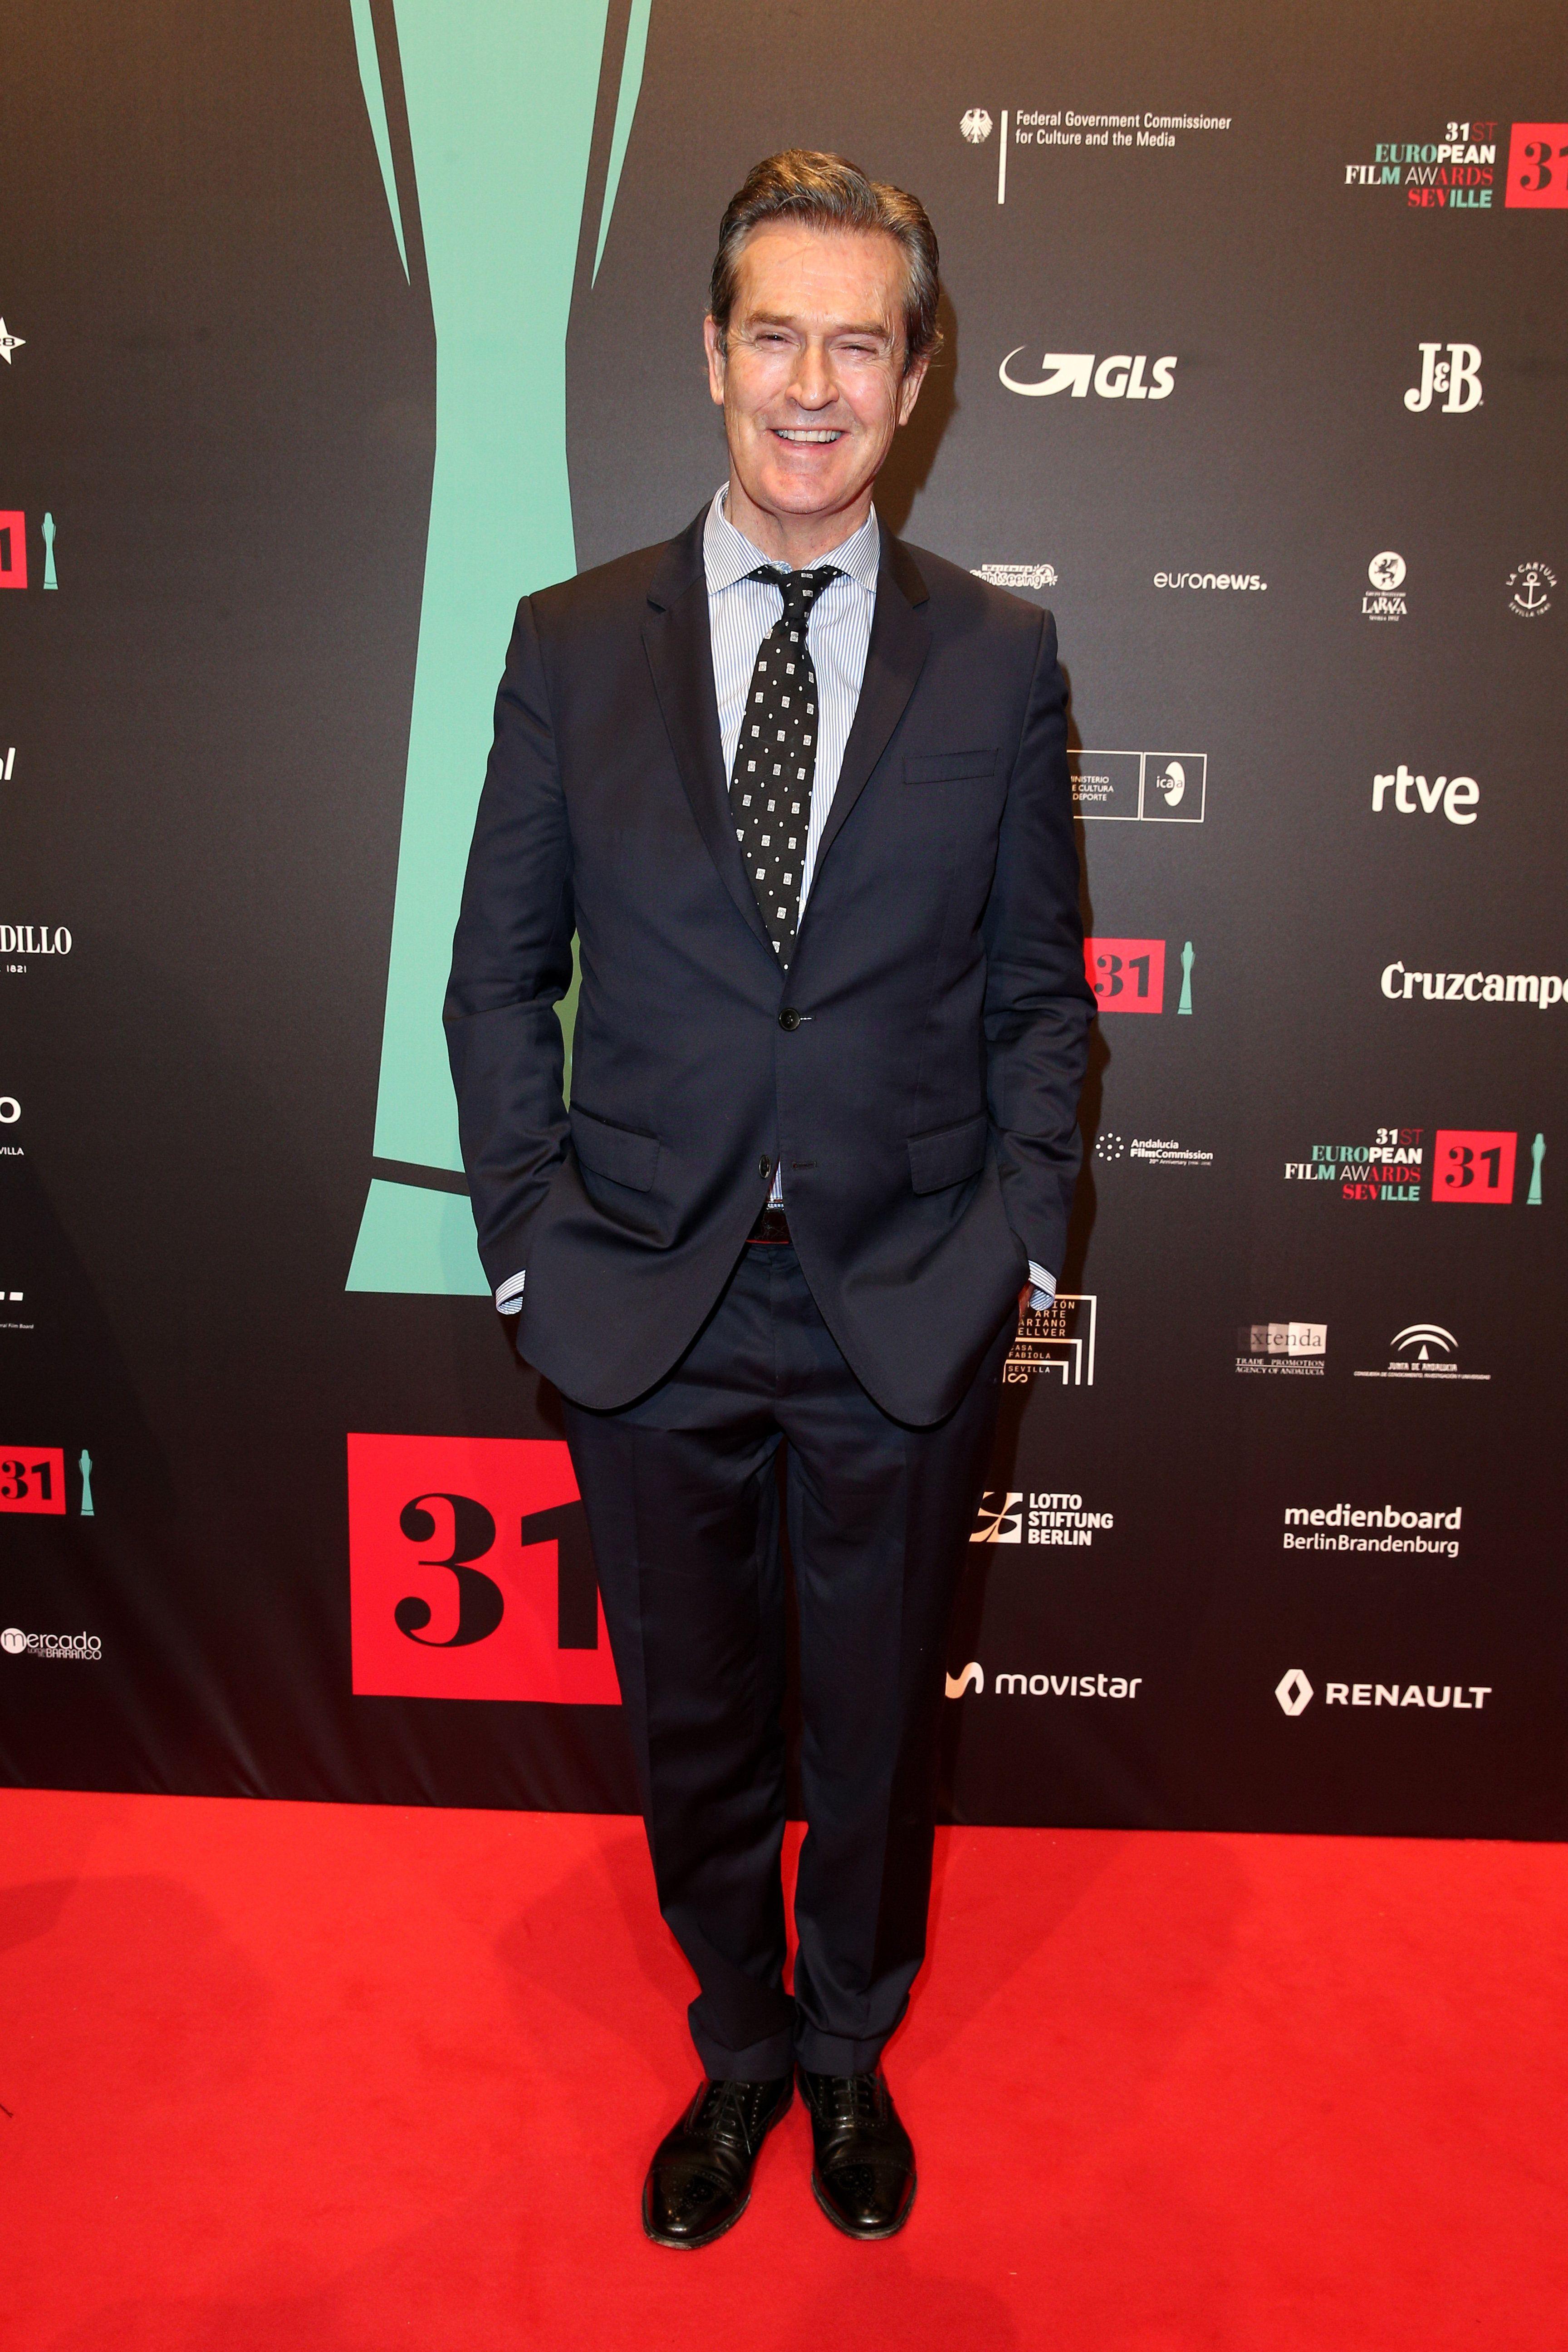 Premios del Cine Europeo: así ha sido la alfombra roja